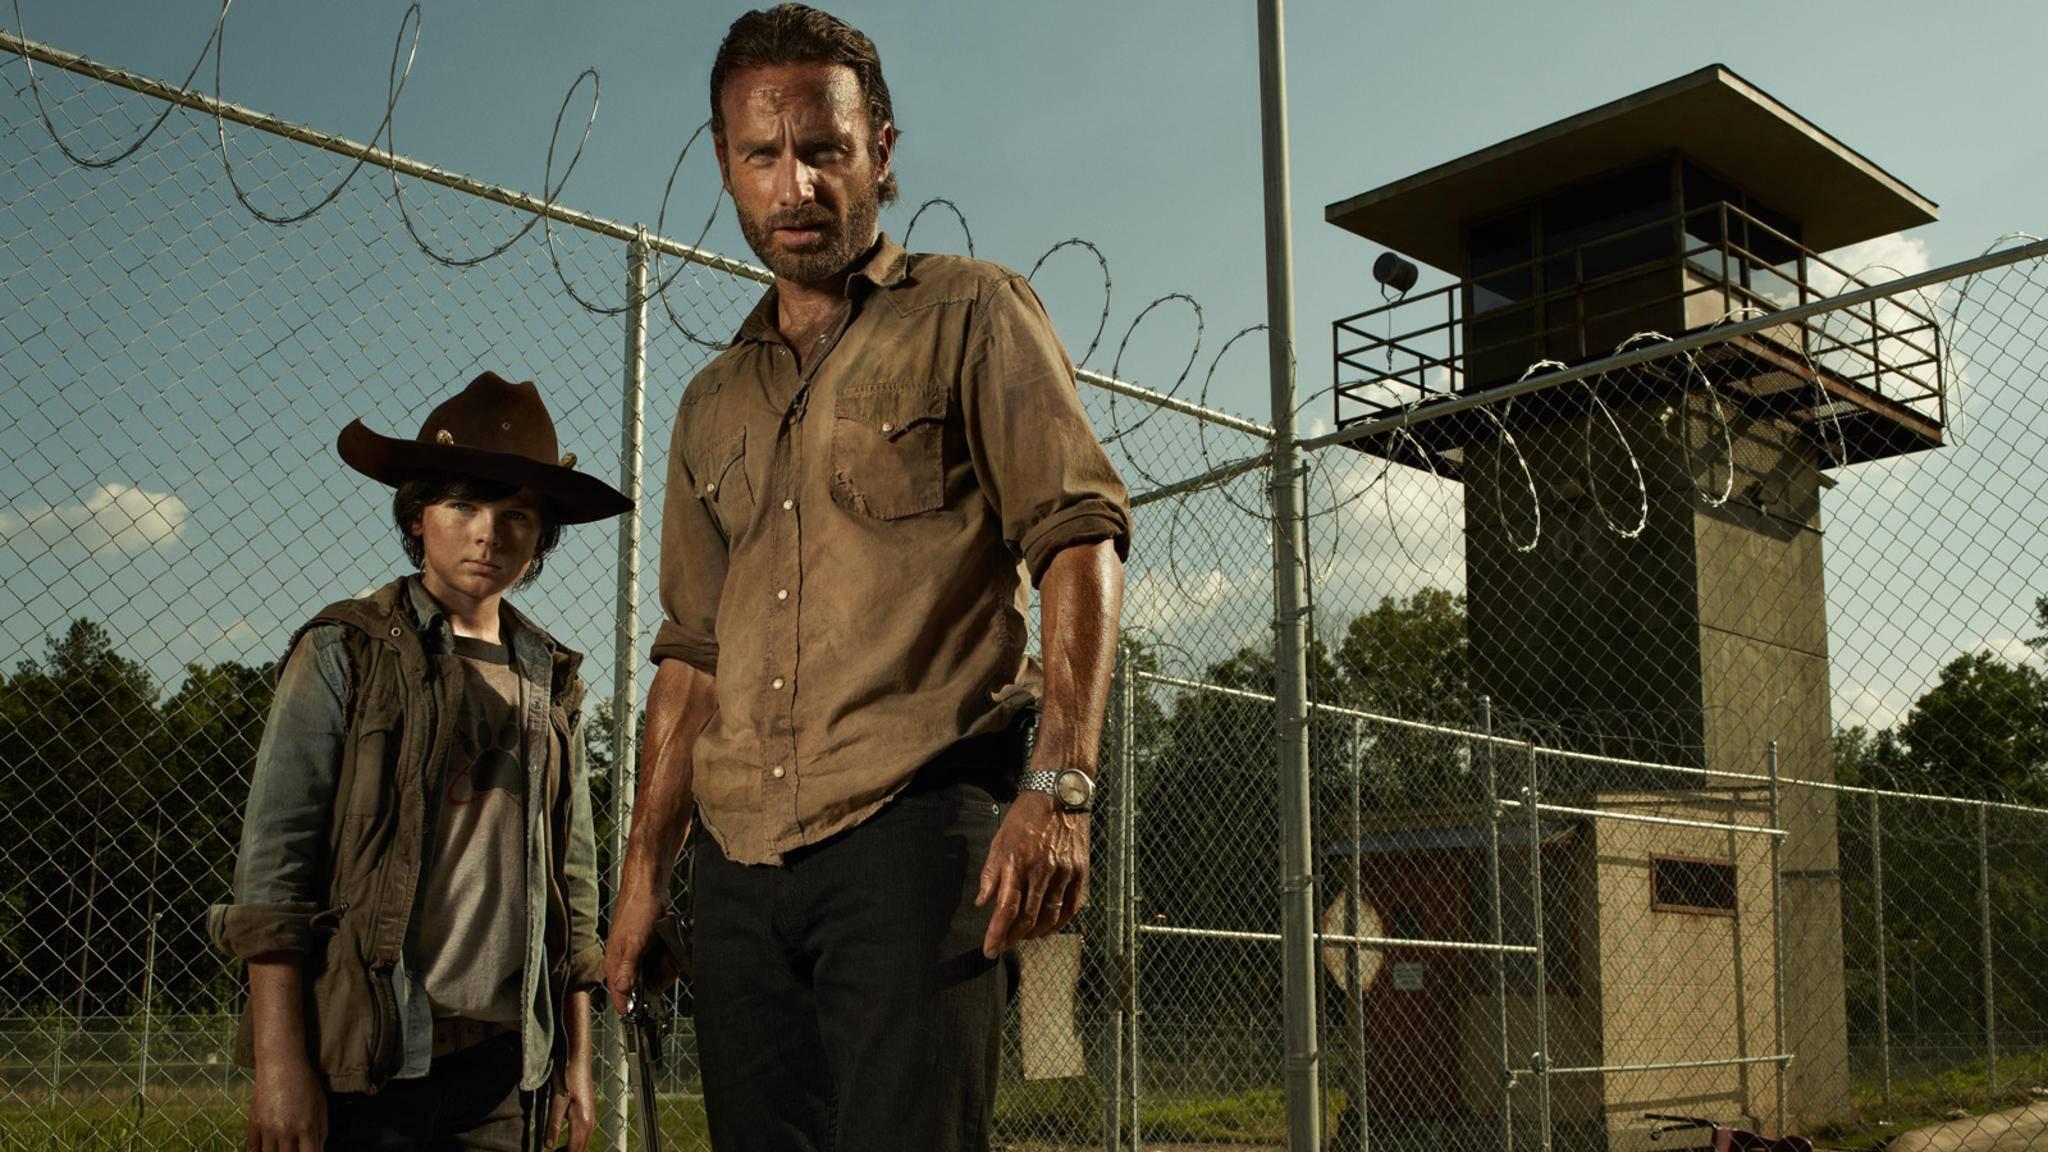 """Auch in """"The Walking Dead"""" führt kein Weg an ihm vorbei: dem echt nervigen TV-Kind."""